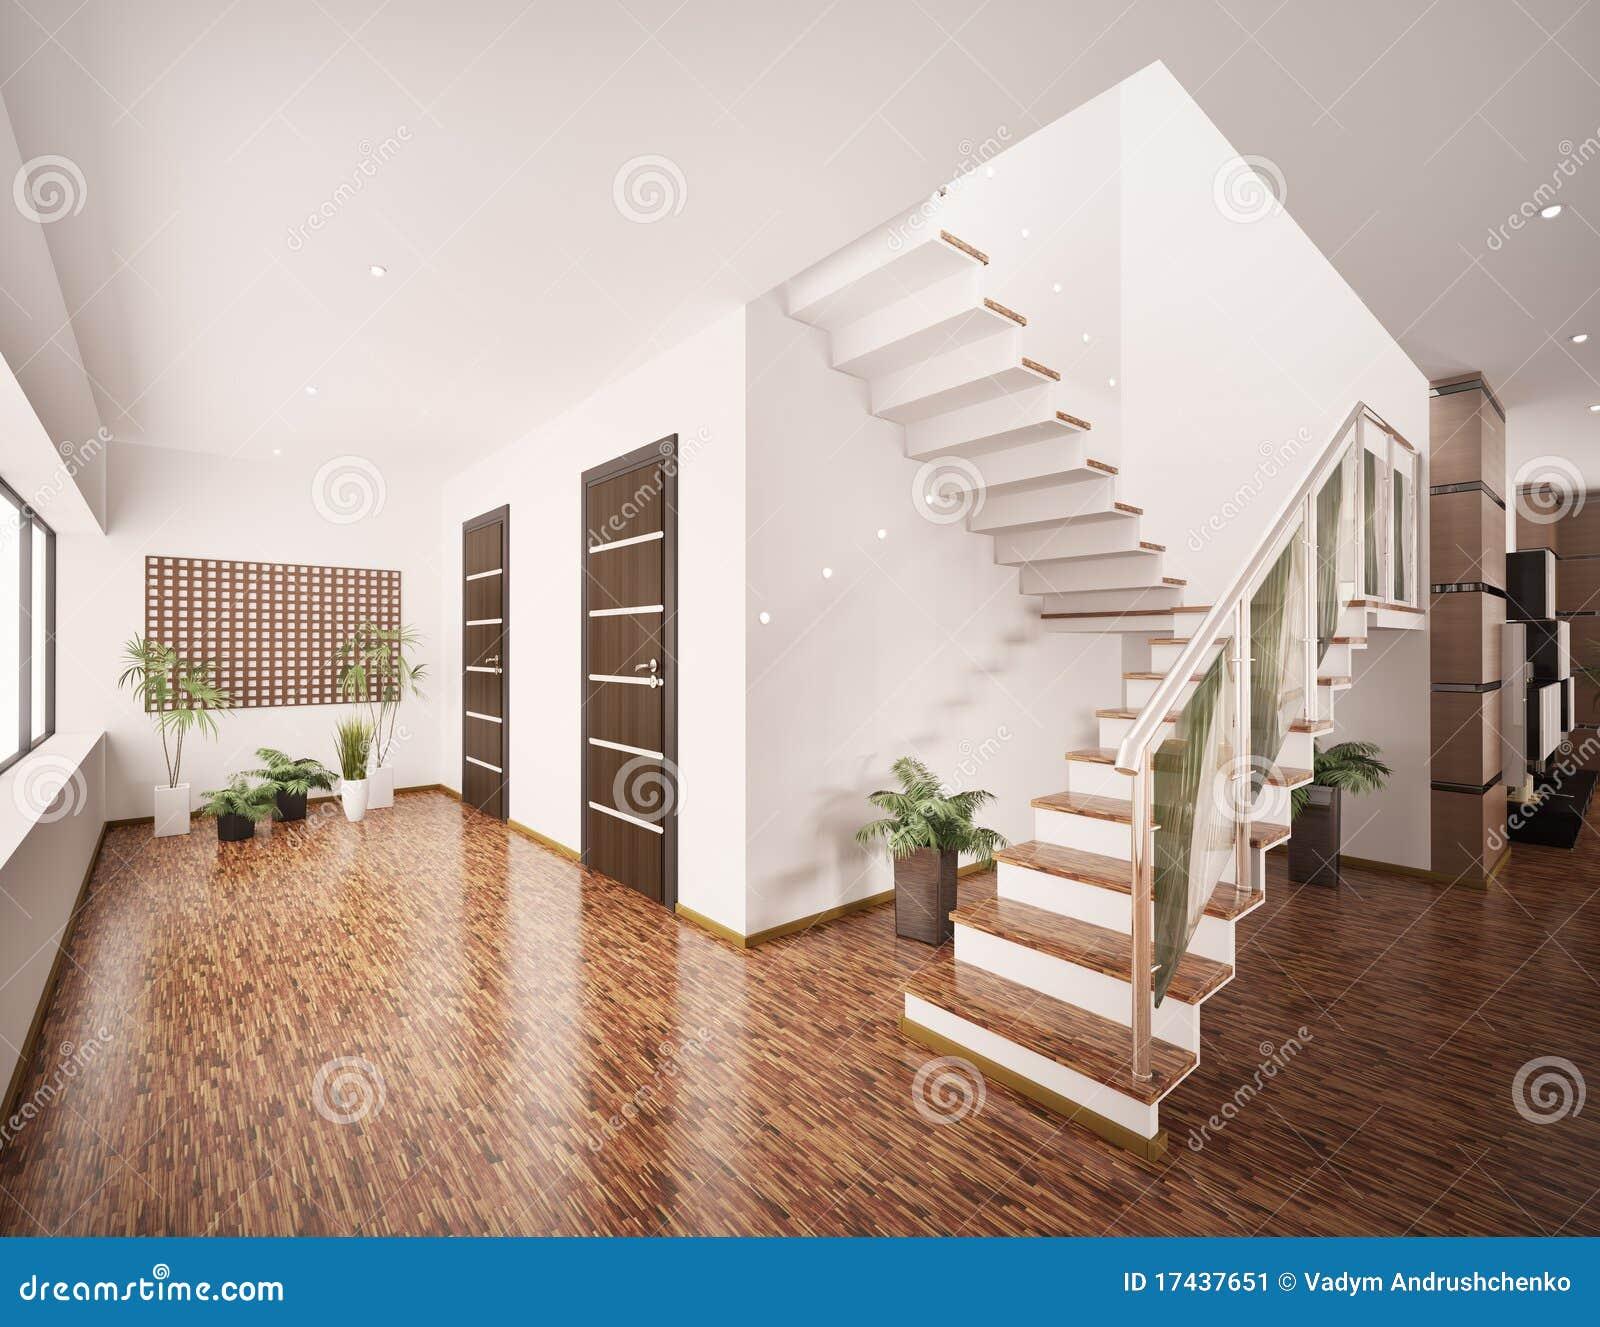 l 39 int rieur du hall d 39 entr e moderne 3d rendent image stock image 17437651. Black Bedroom Furniture Sets. Home Design Ideas